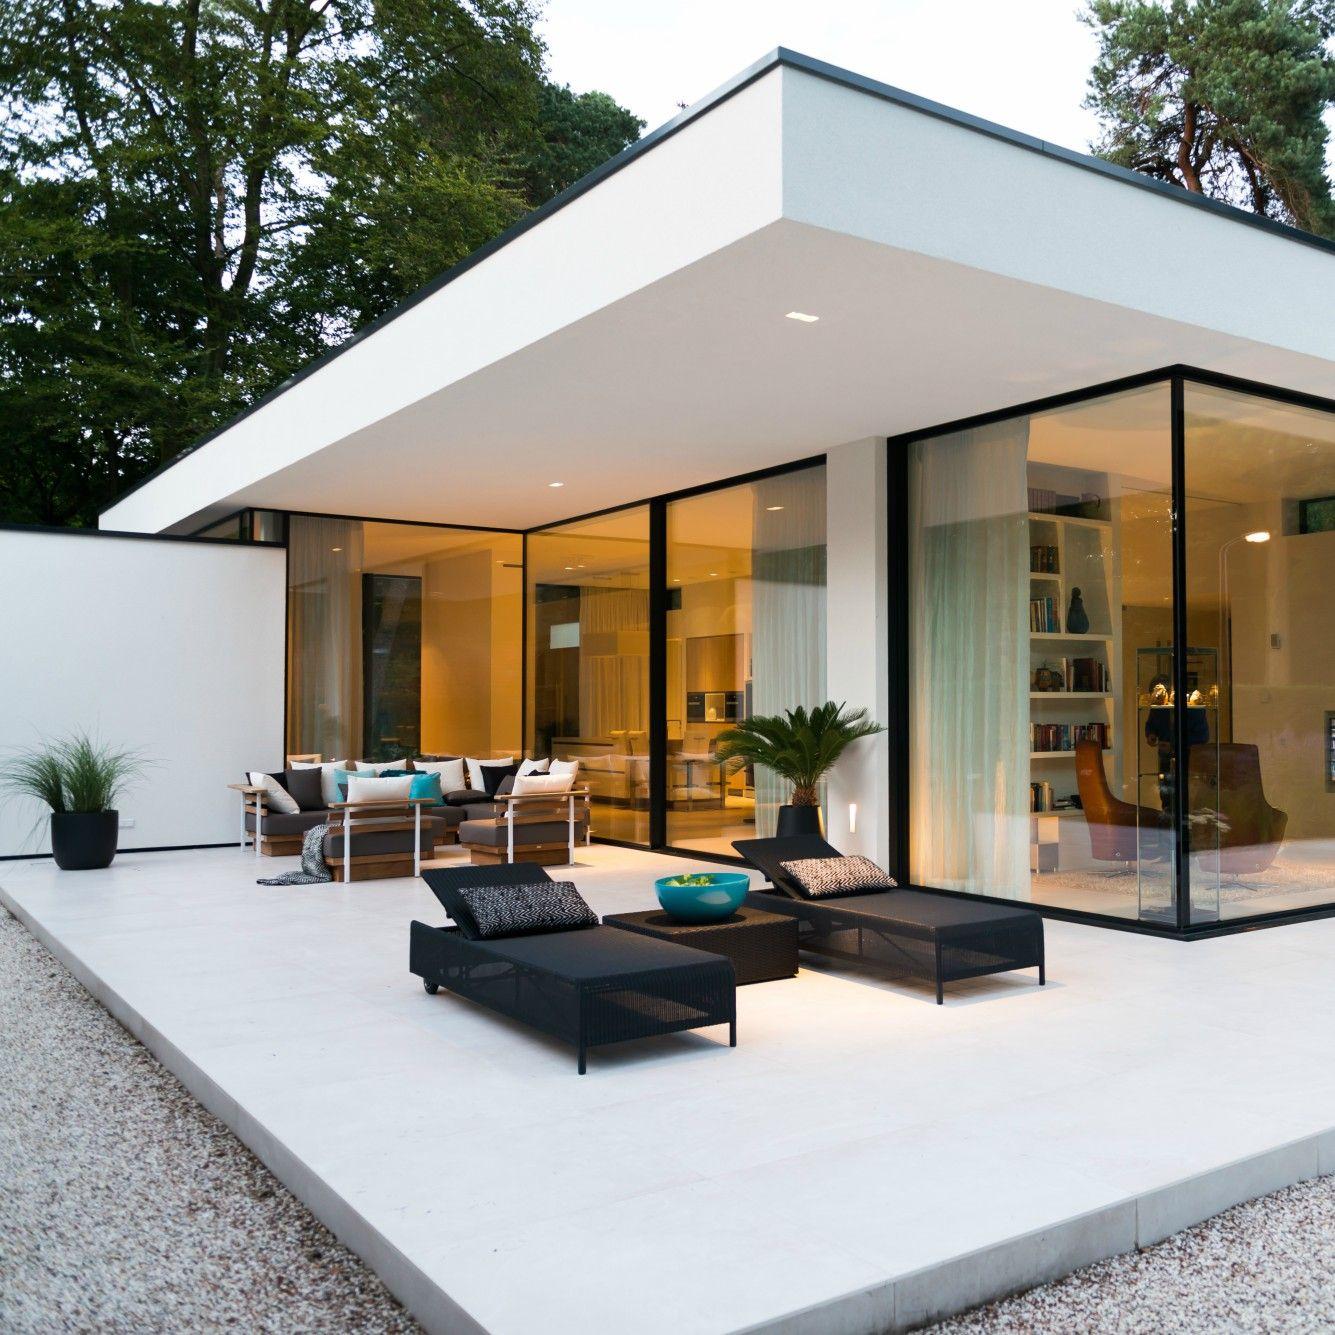 Interieur i binnenkijken i moderne bungalow in ermelo house ideas pinterest architektur - Bungalow moderne architektur ...